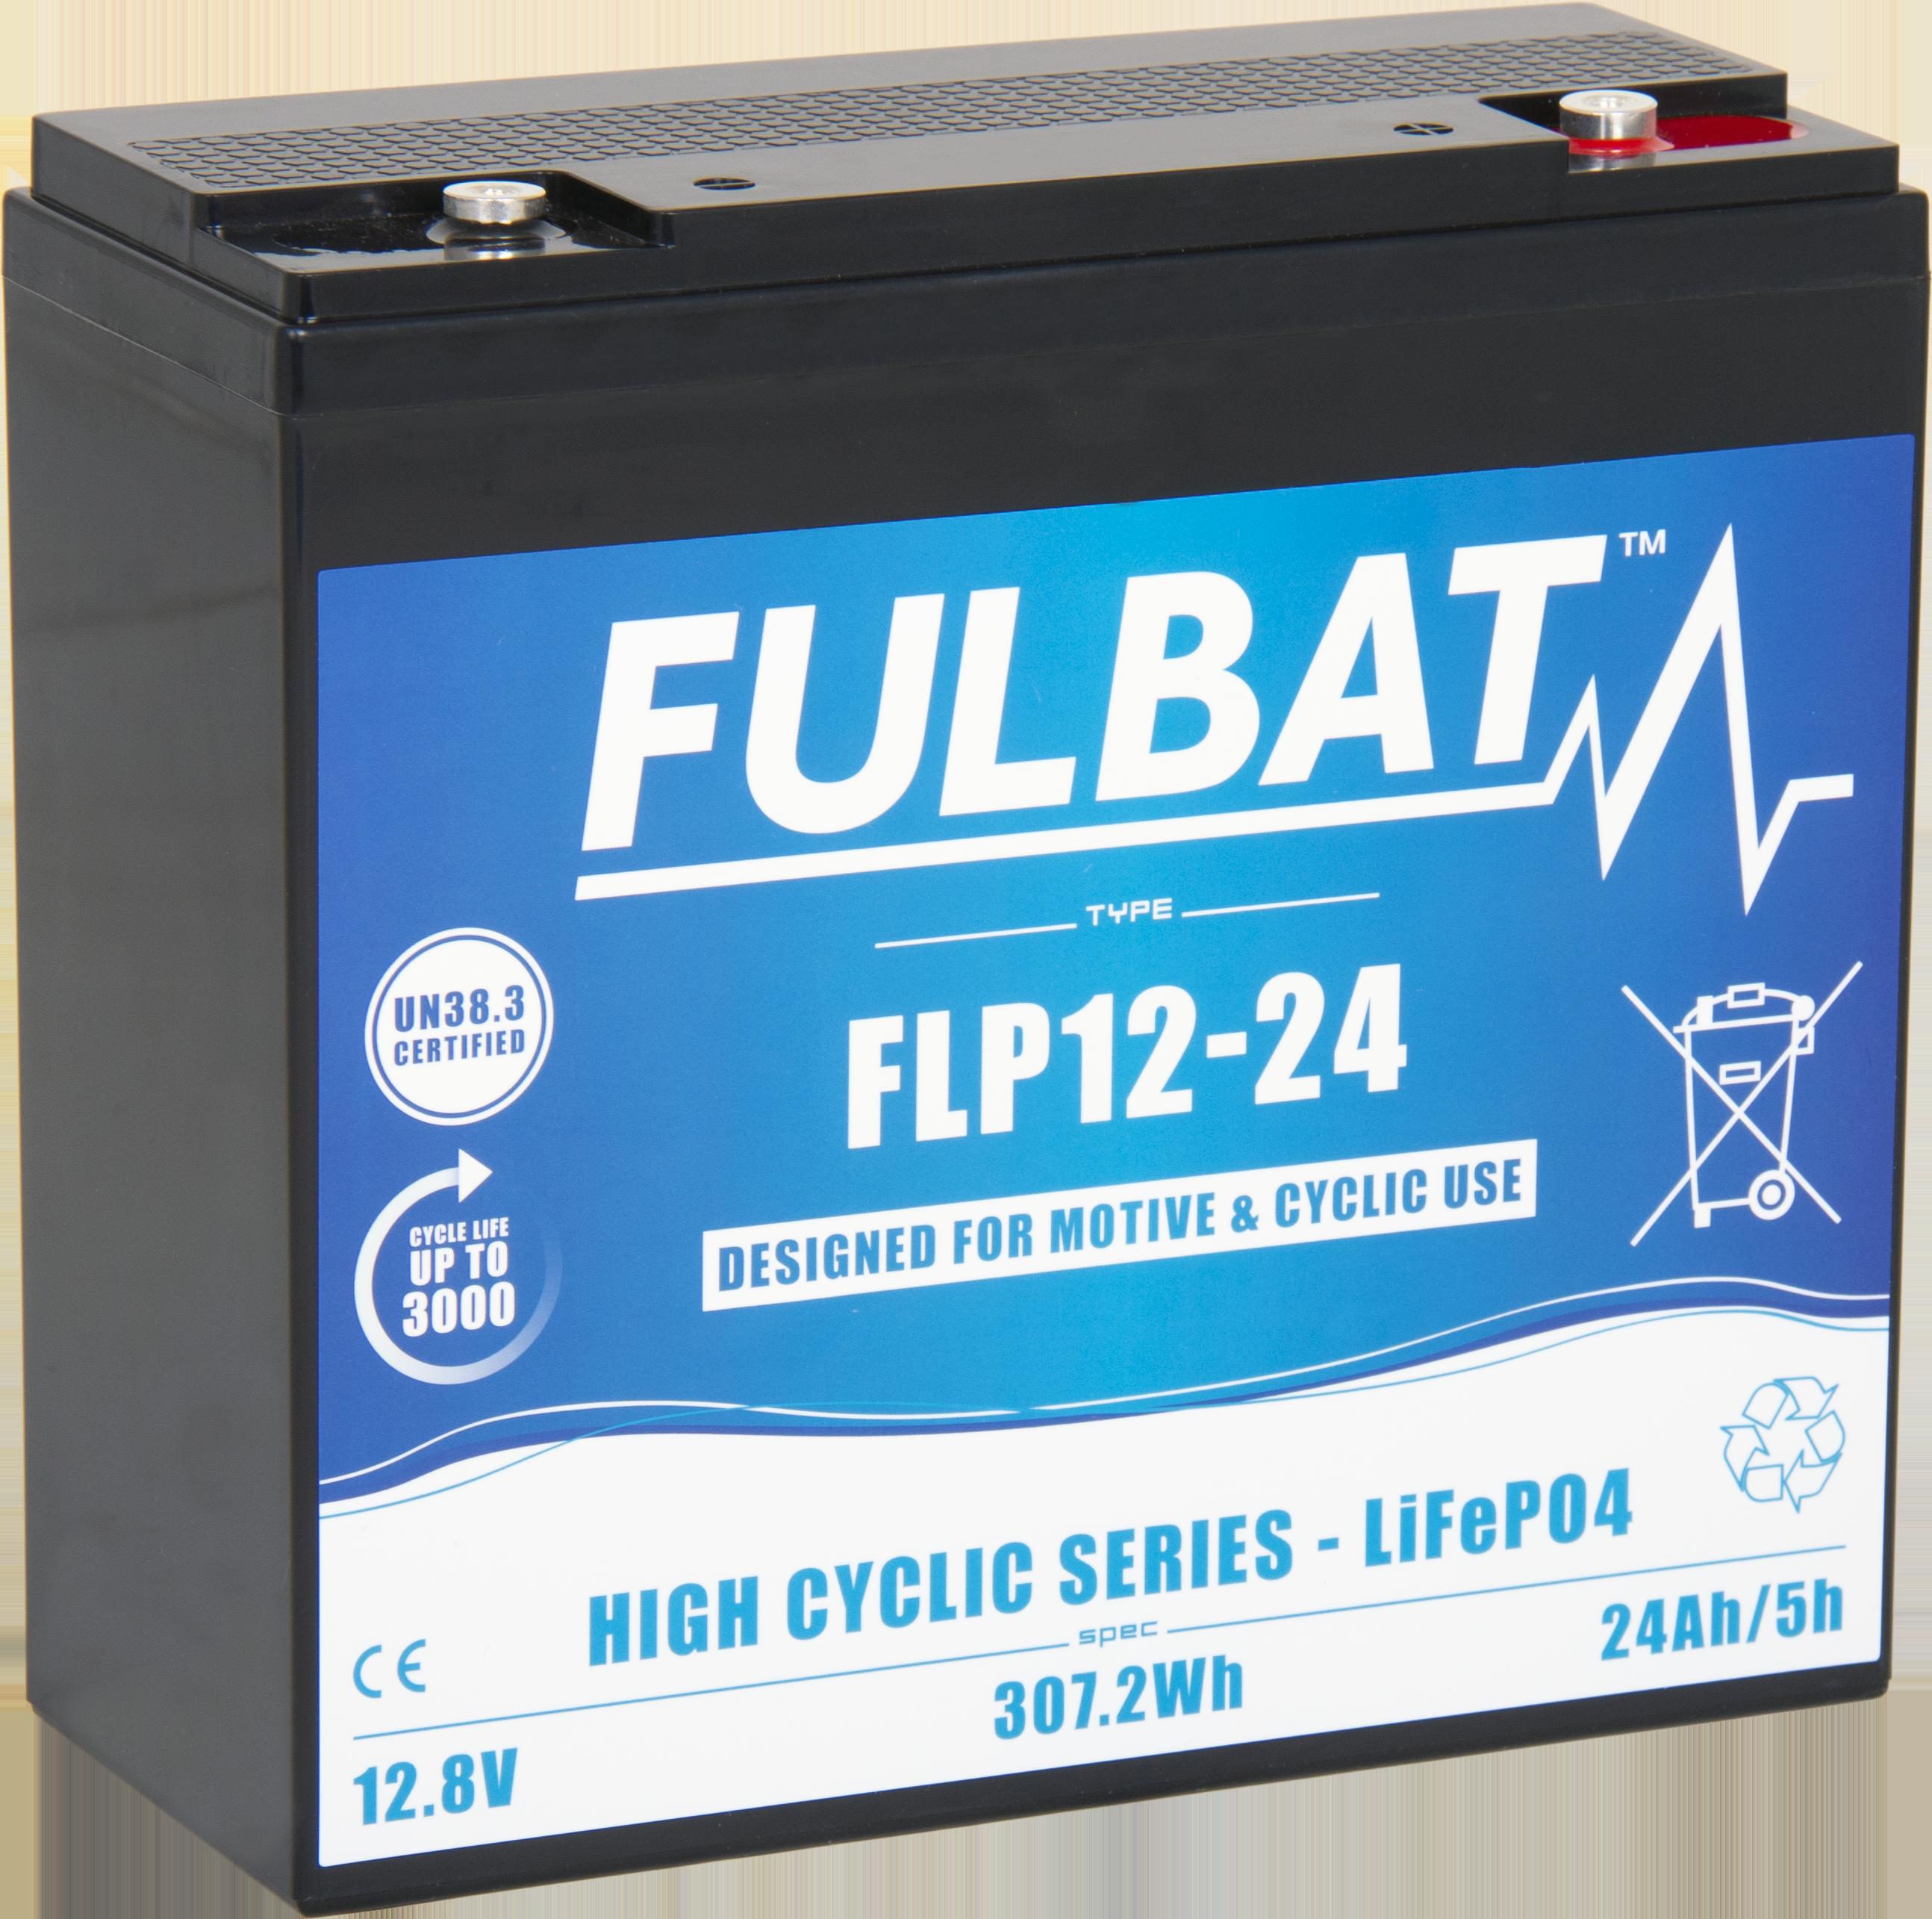 FULBAT_FLP12-24_HighCycli_LiFePO4